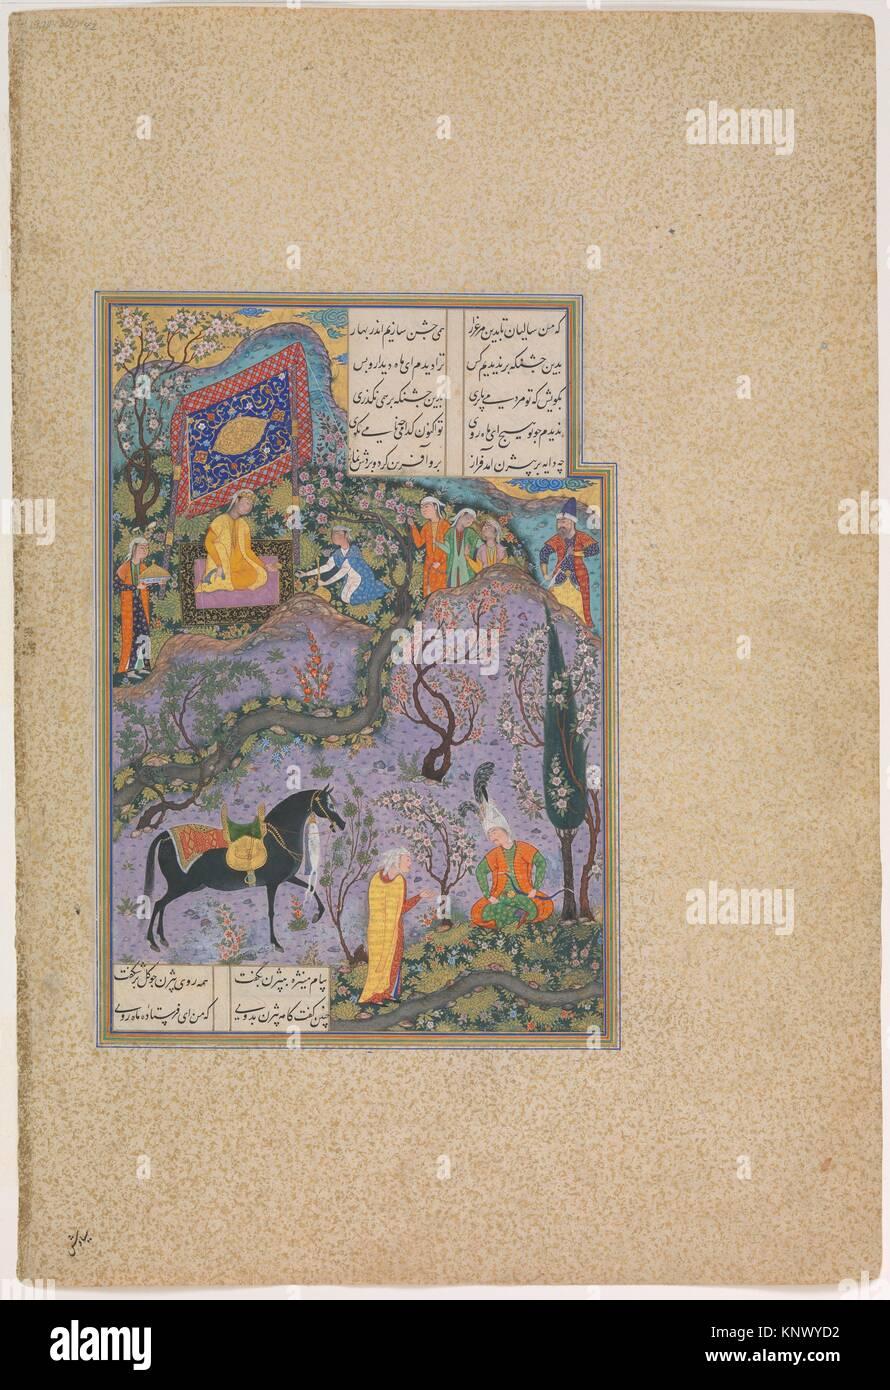 Bizhan erhält eine Einladung durch Manizha ist Krankenschwester, Folio 300 v aus der Shahnama (Buch der Könige) Stockfoto